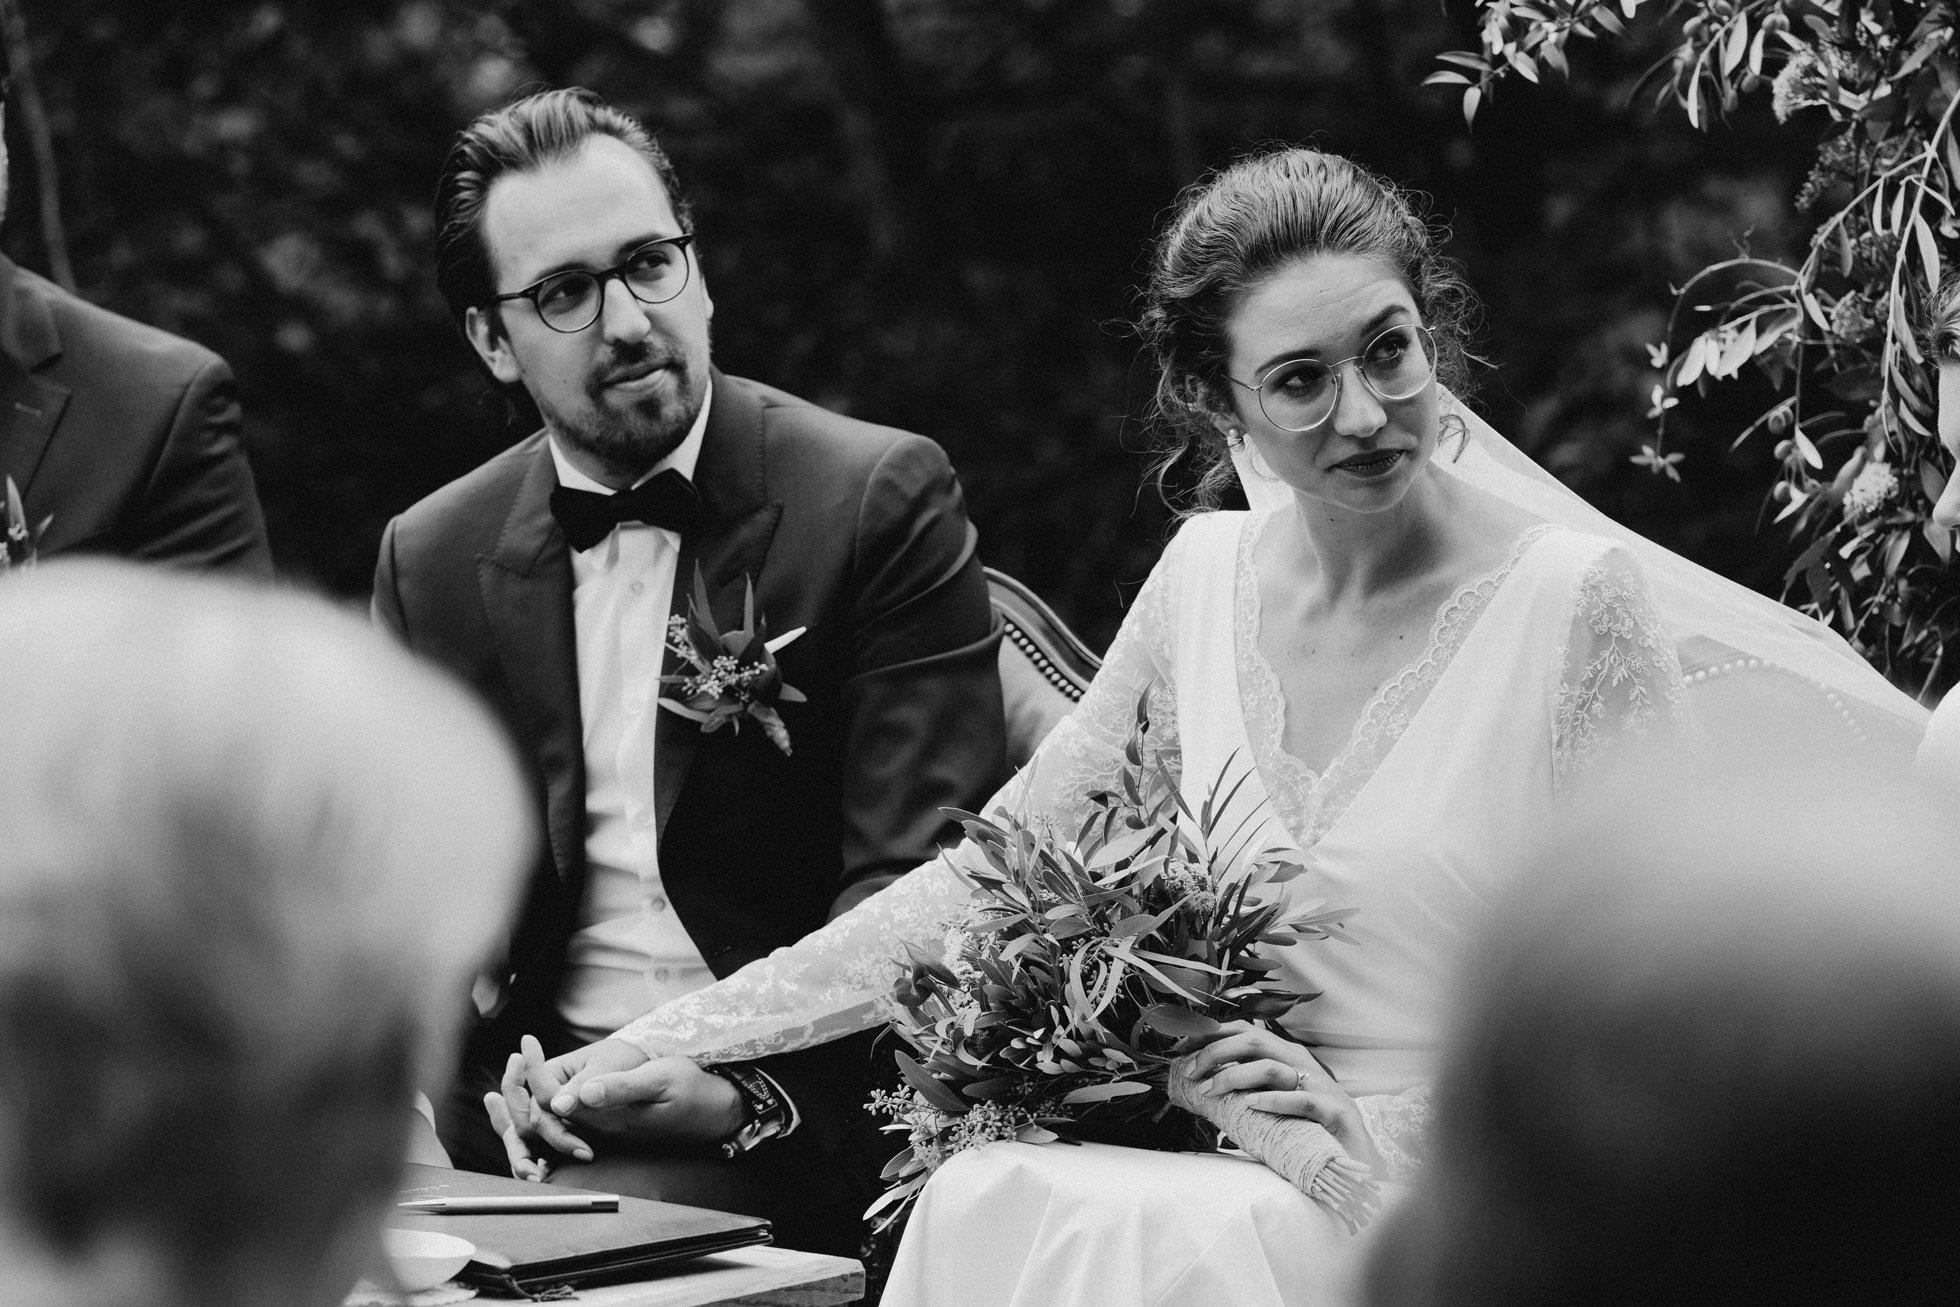 Hochzeit_Claire_Manuel_Villa_Maund_Daniel_Jenny-132.jpg